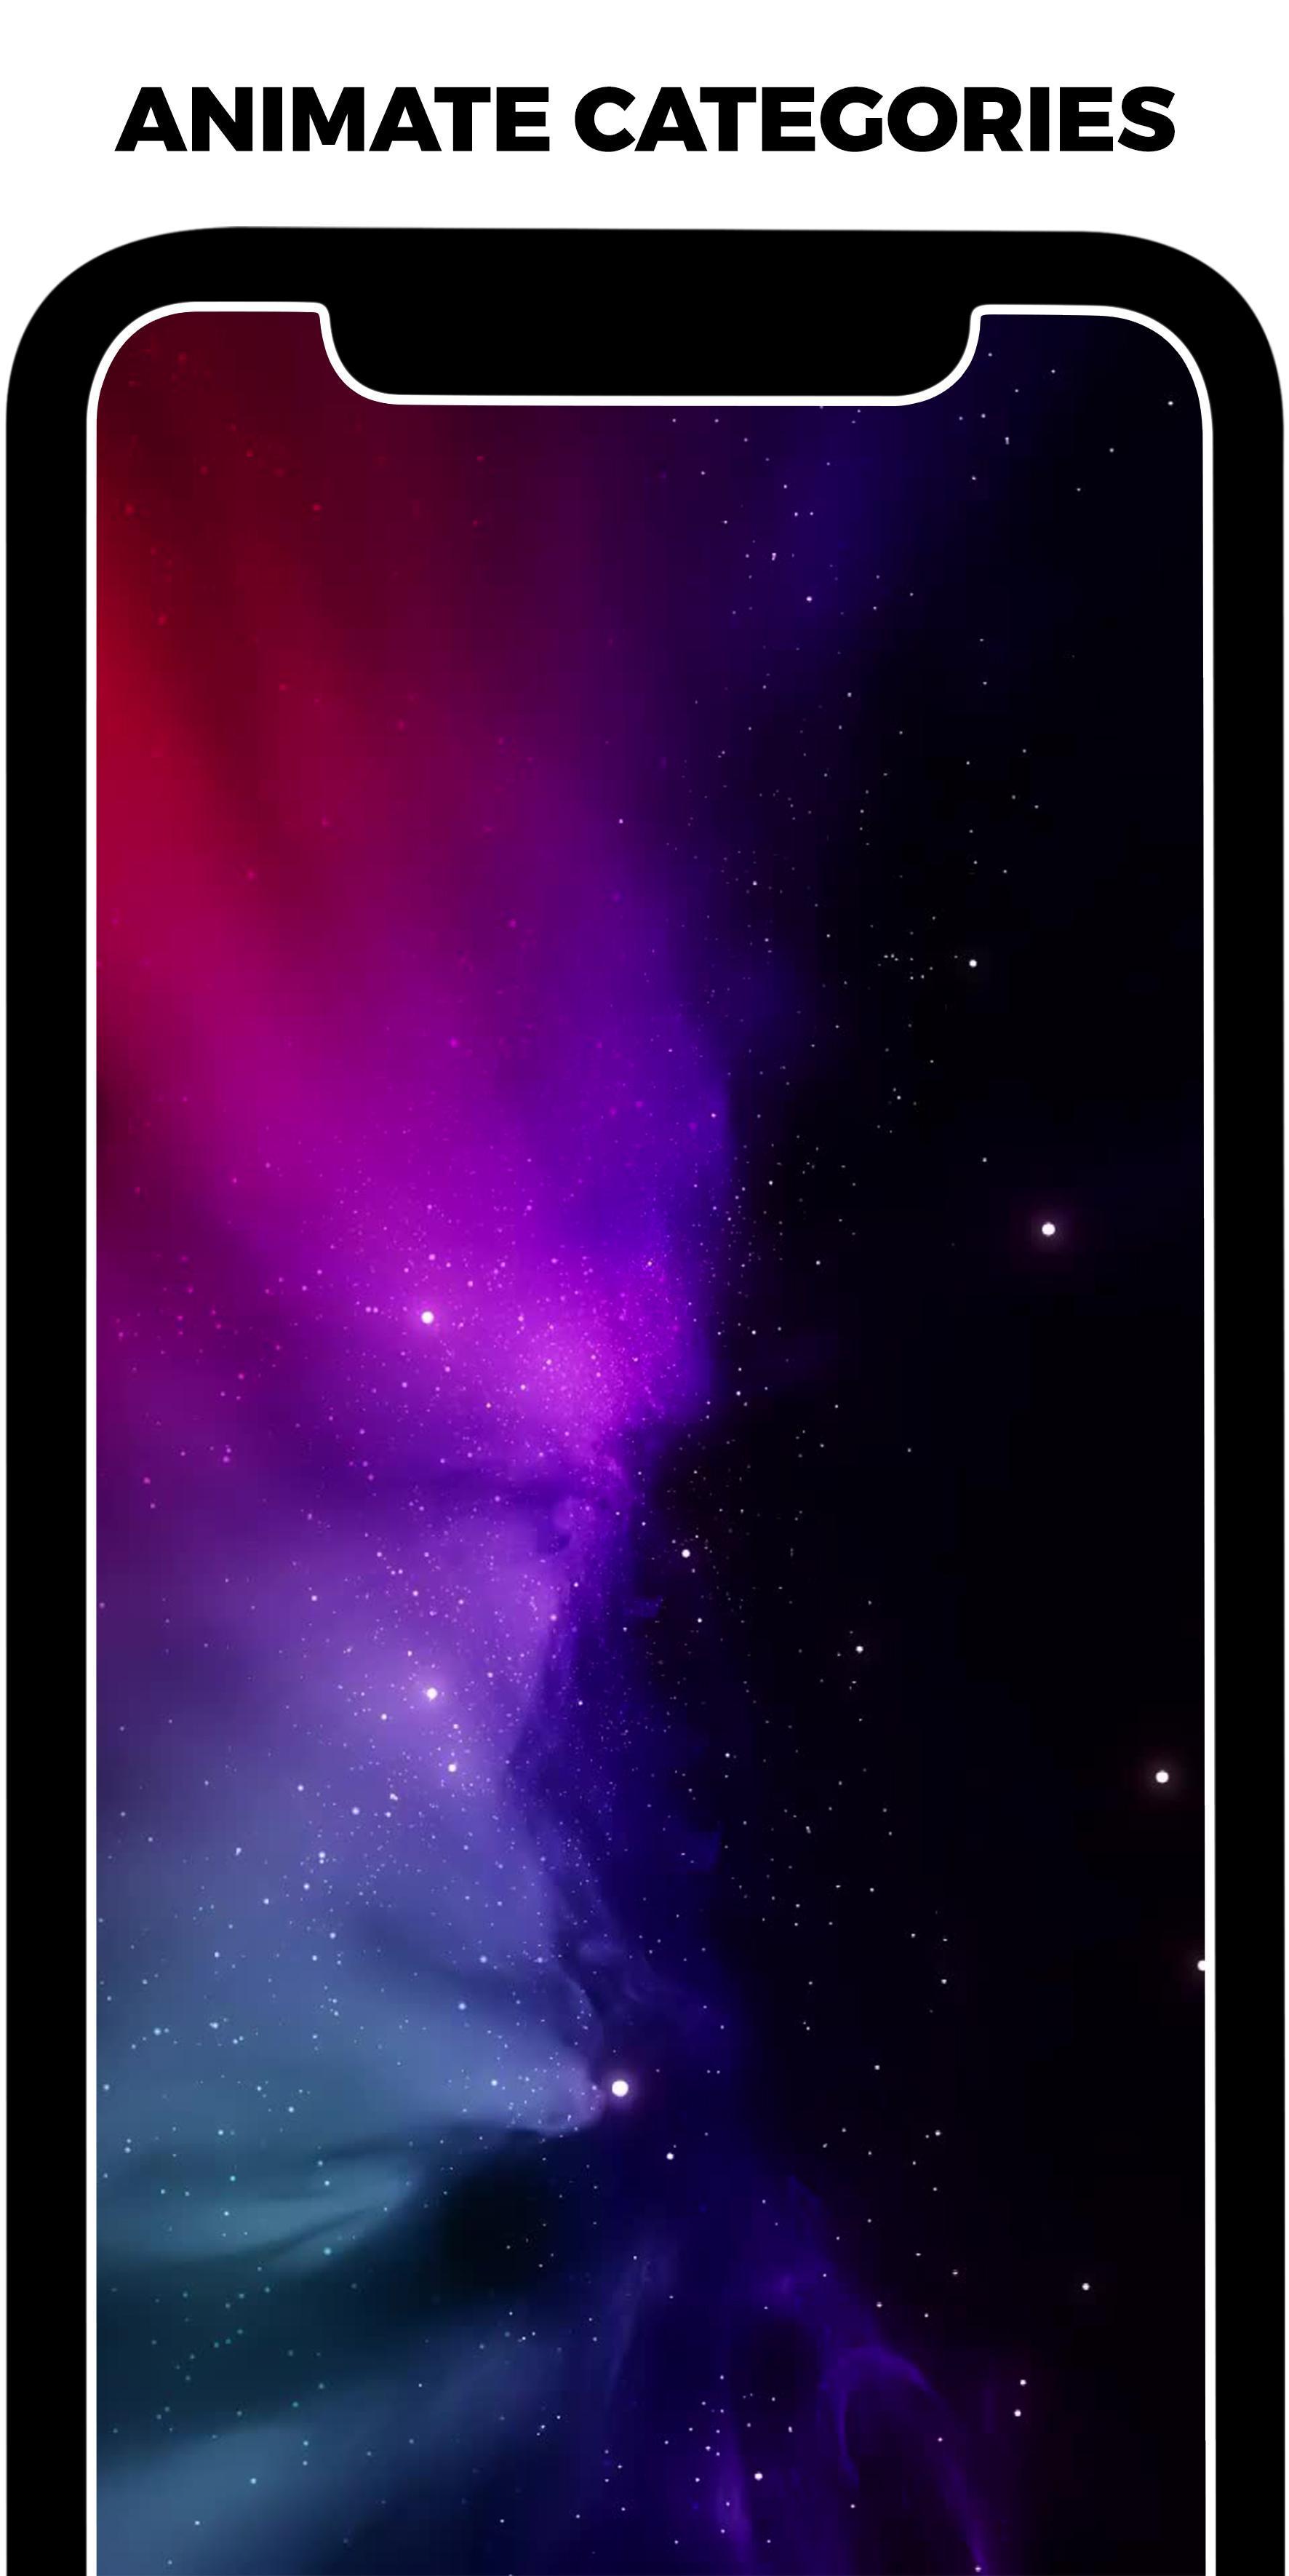 screen 3.jpg?fakeurl=1&type=